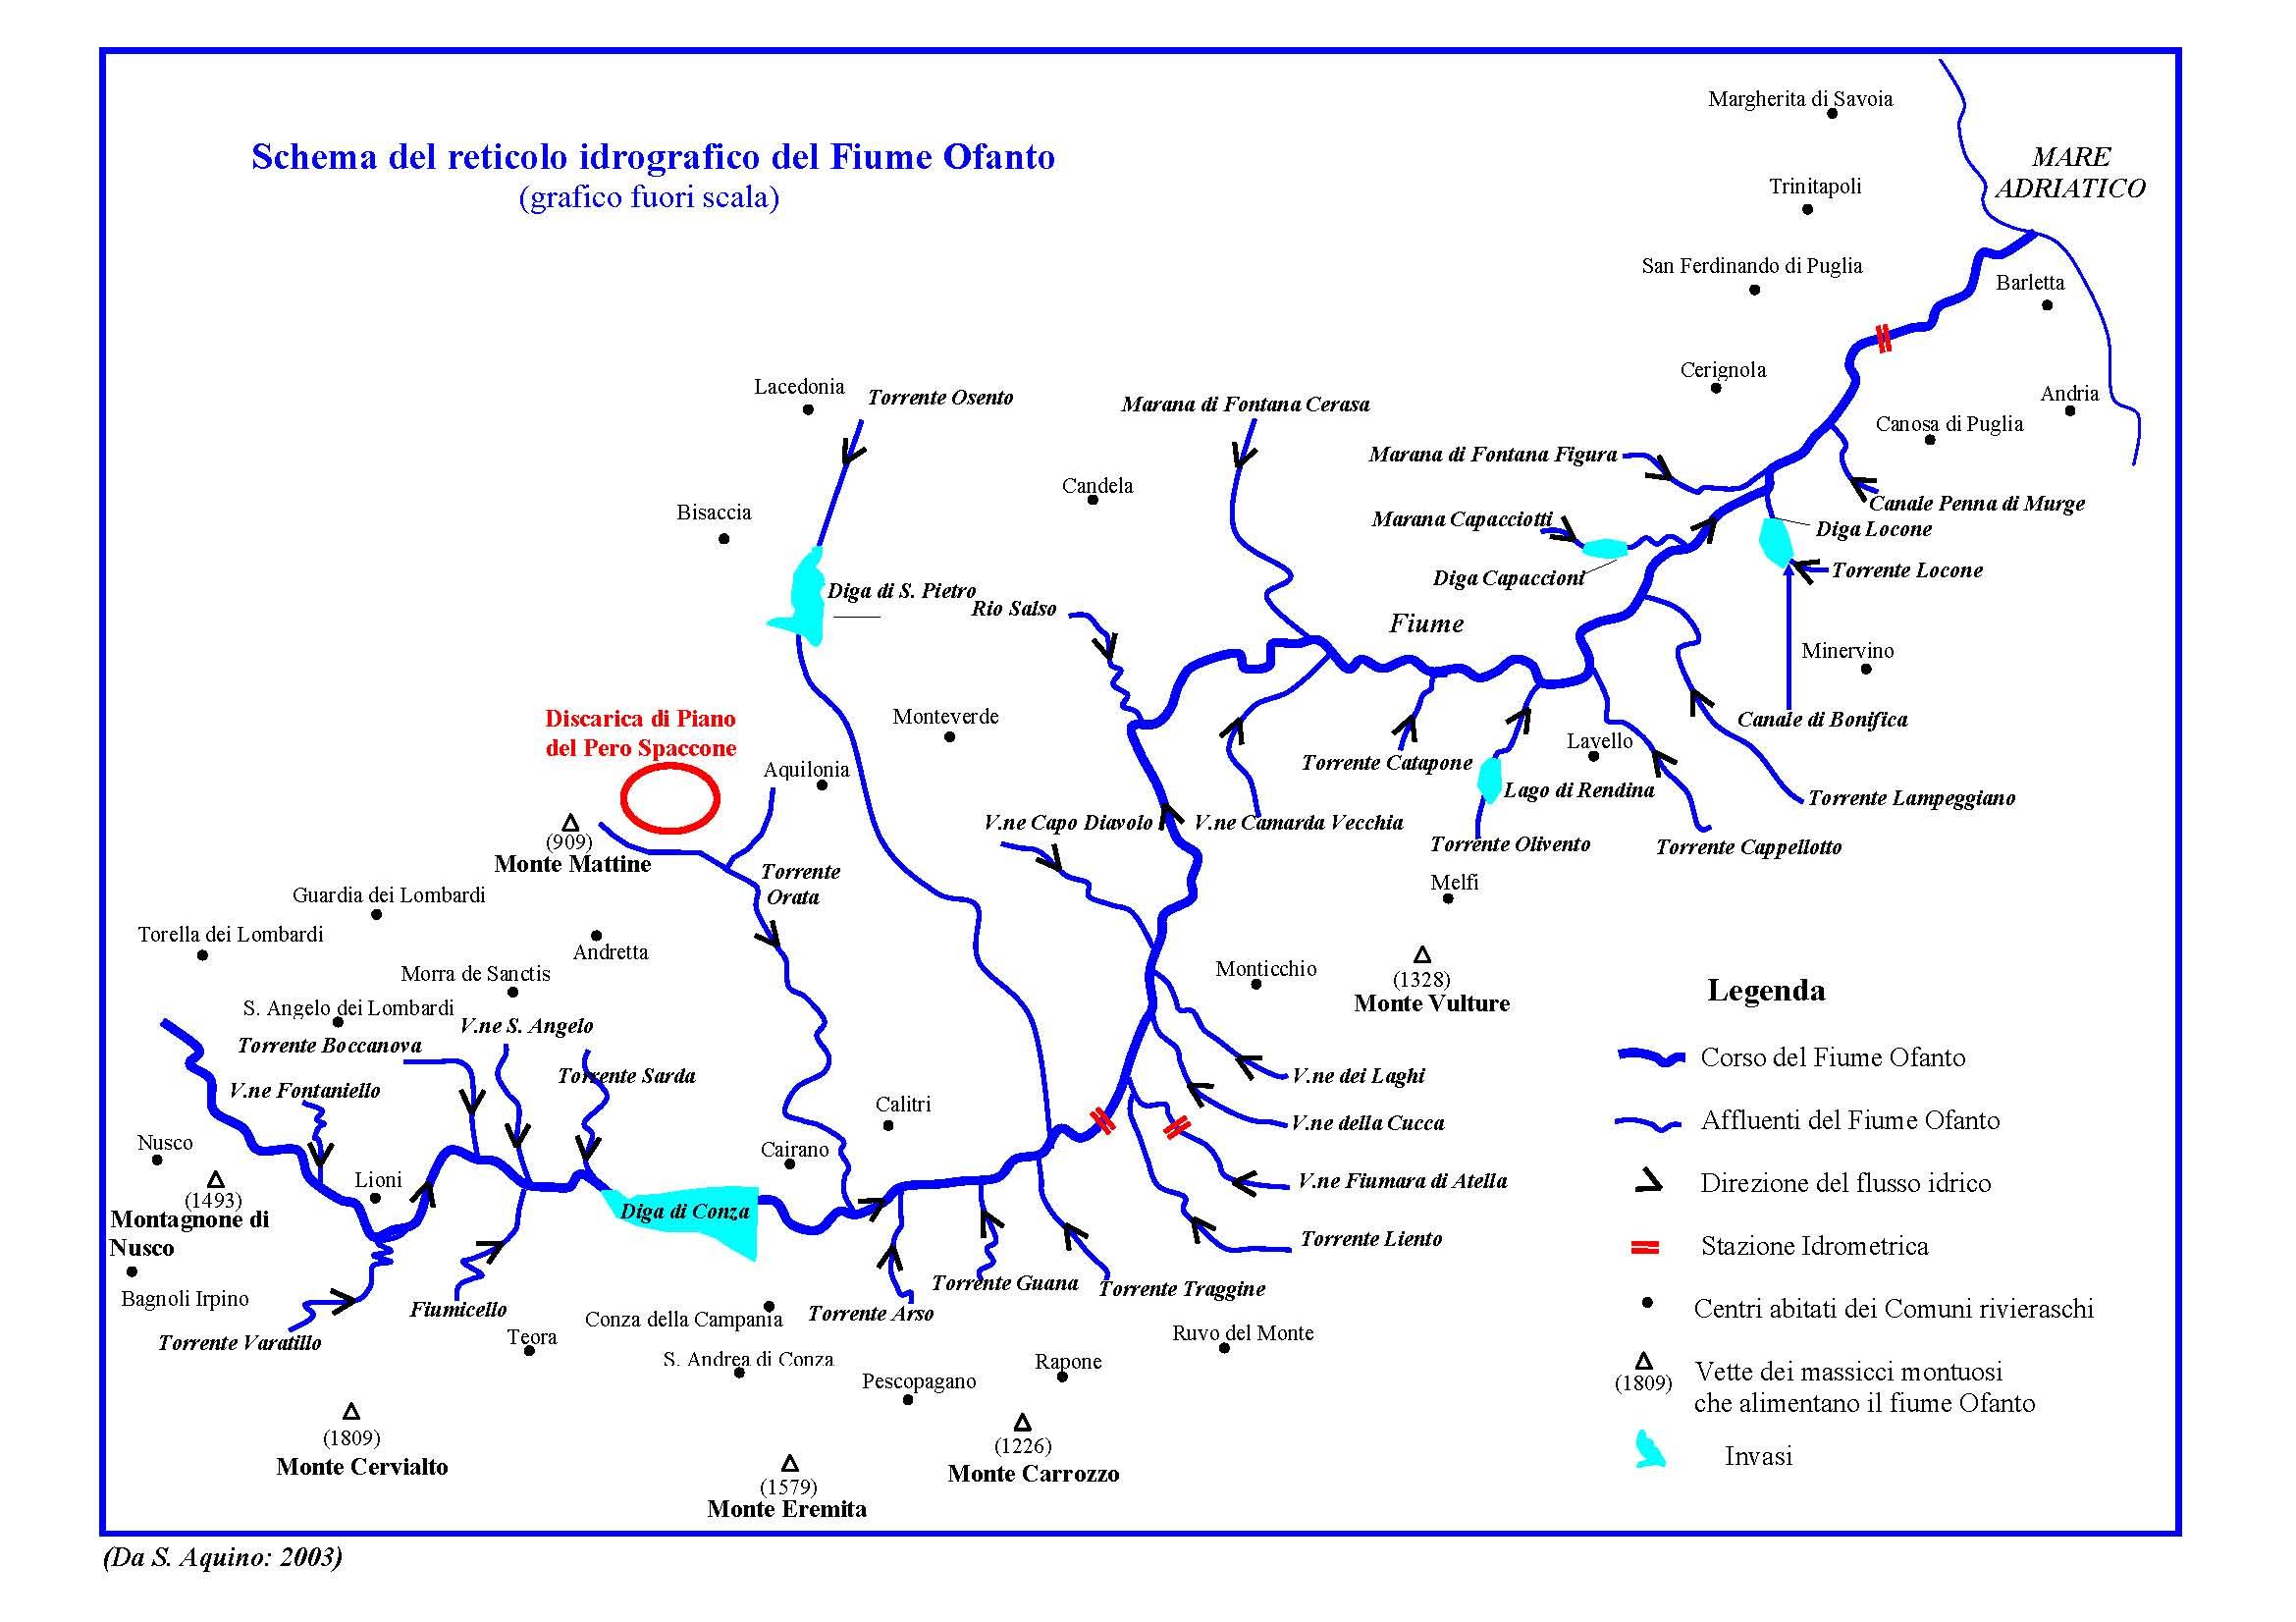 il formicoso e il reticolo idrografico dell'Ofanto